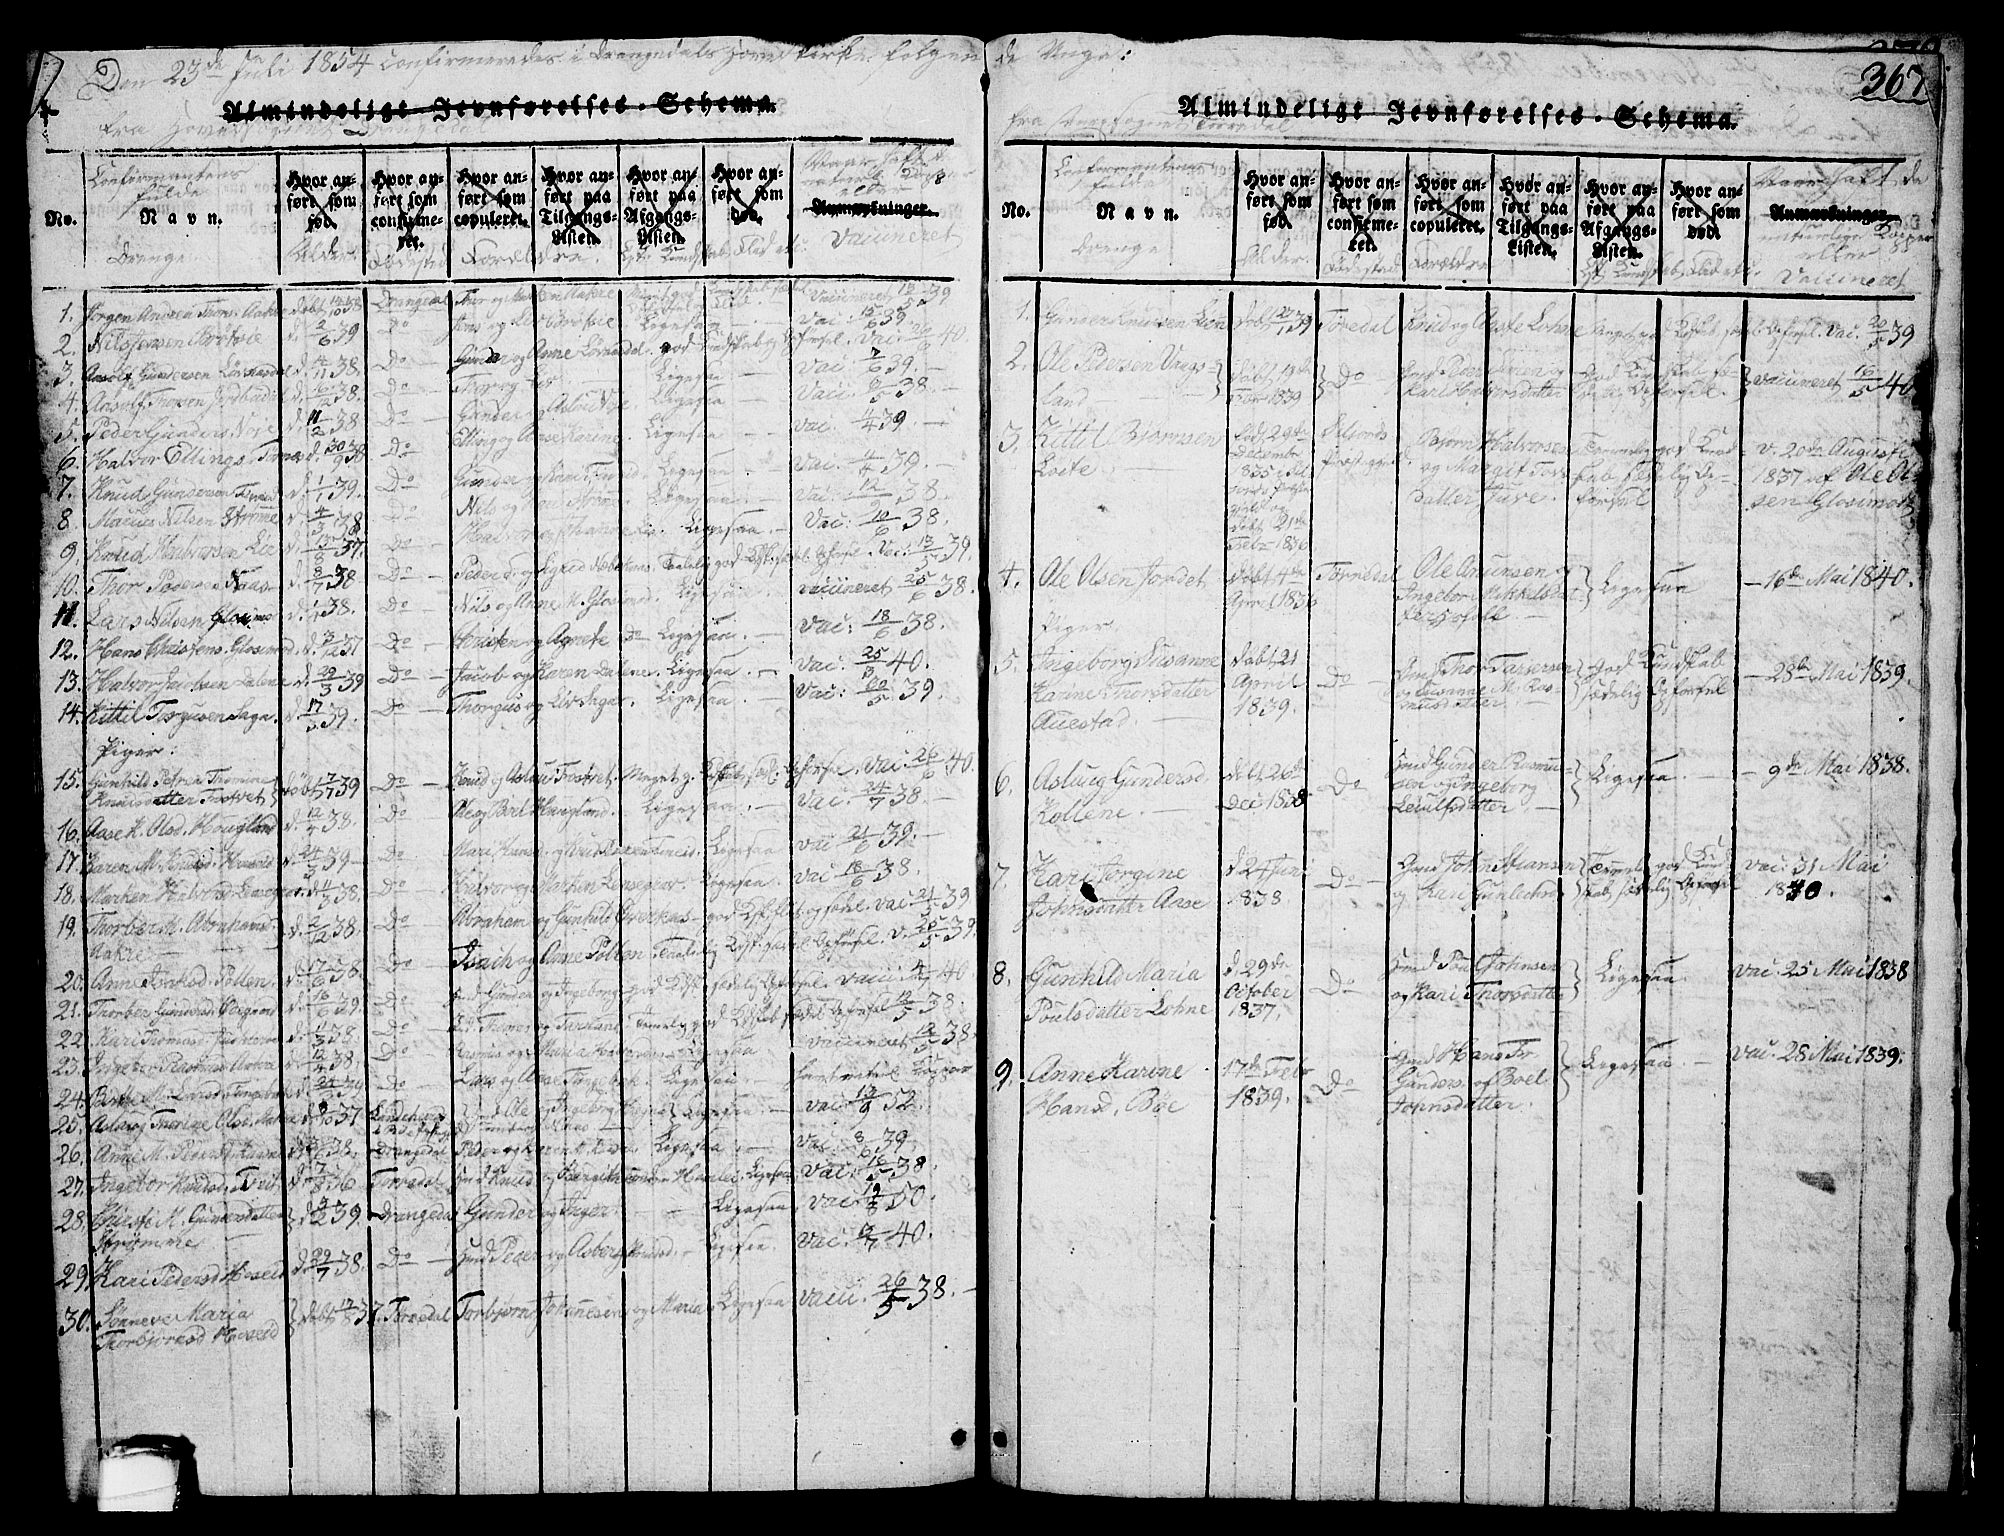 SAKO, Drangedal kirkebøker, G/Ga/L0001: Klokkerbok nr. I 1 /1, 1814-1856, s. 367